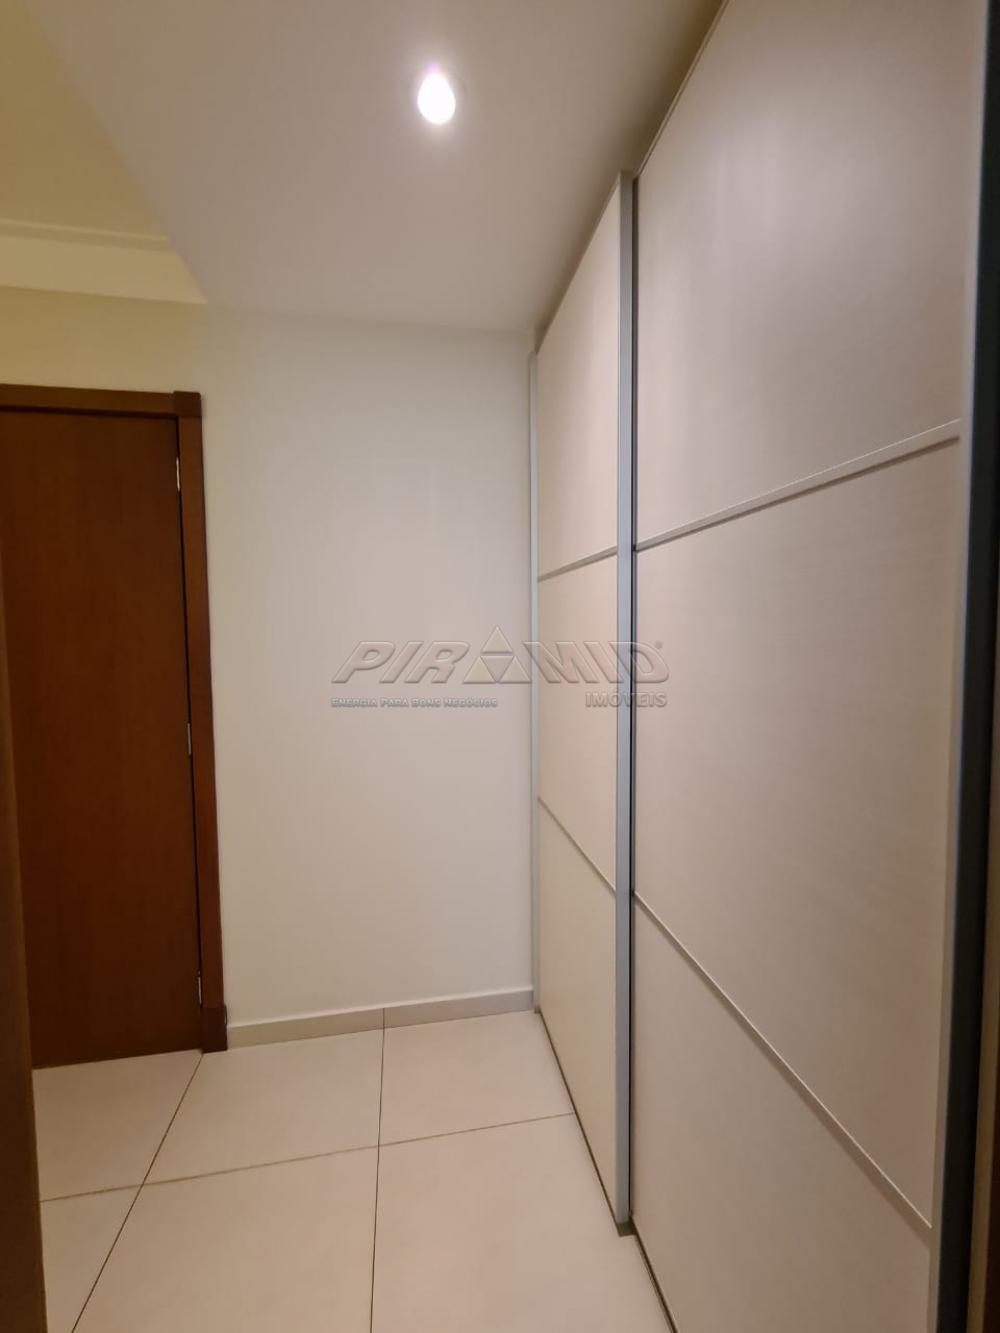 Alugar Apartamento / Padrão em Ribeirão Preto R$ 8.000,00 - Foto 12